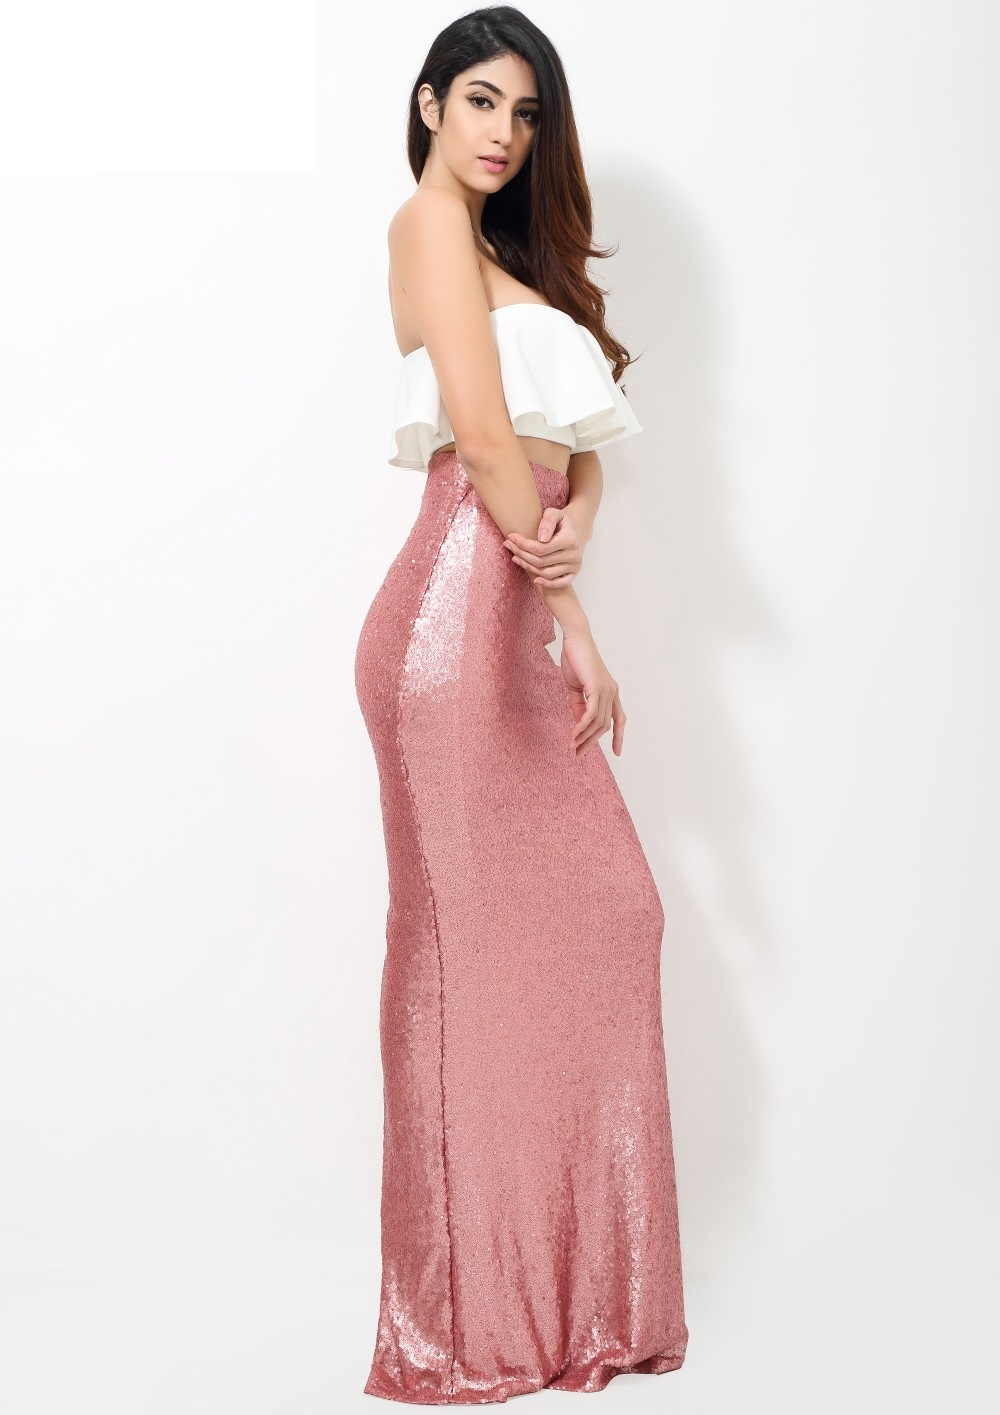 Asombroso Vestido De Partido Motivo - Colección de Vestidos de Boda ...